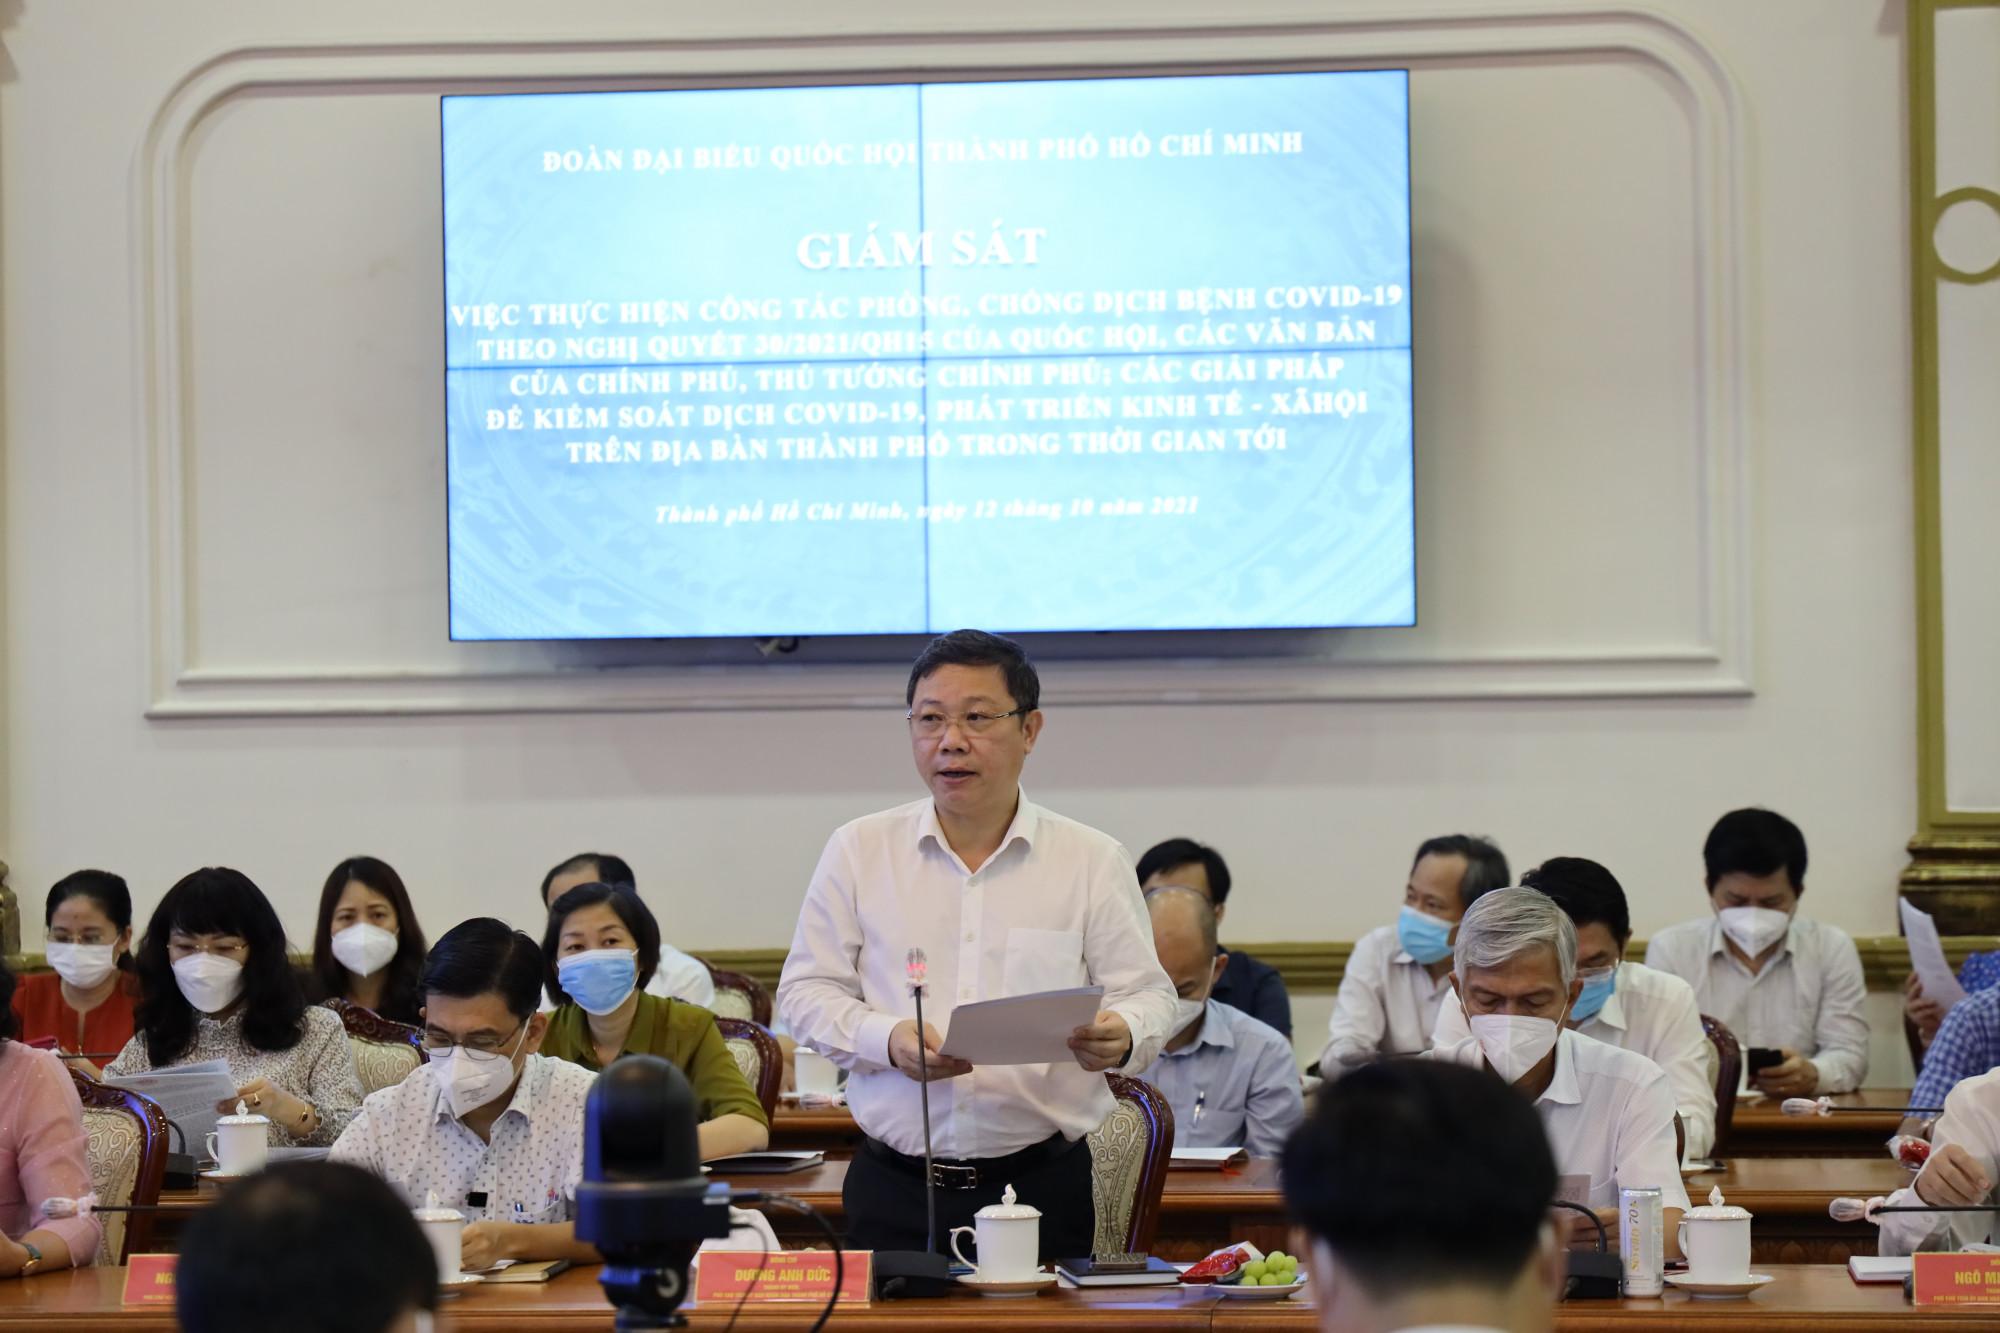 Phó chủ tịch UBND TP Dương Anh Đức trình bày tại buổi giám sát